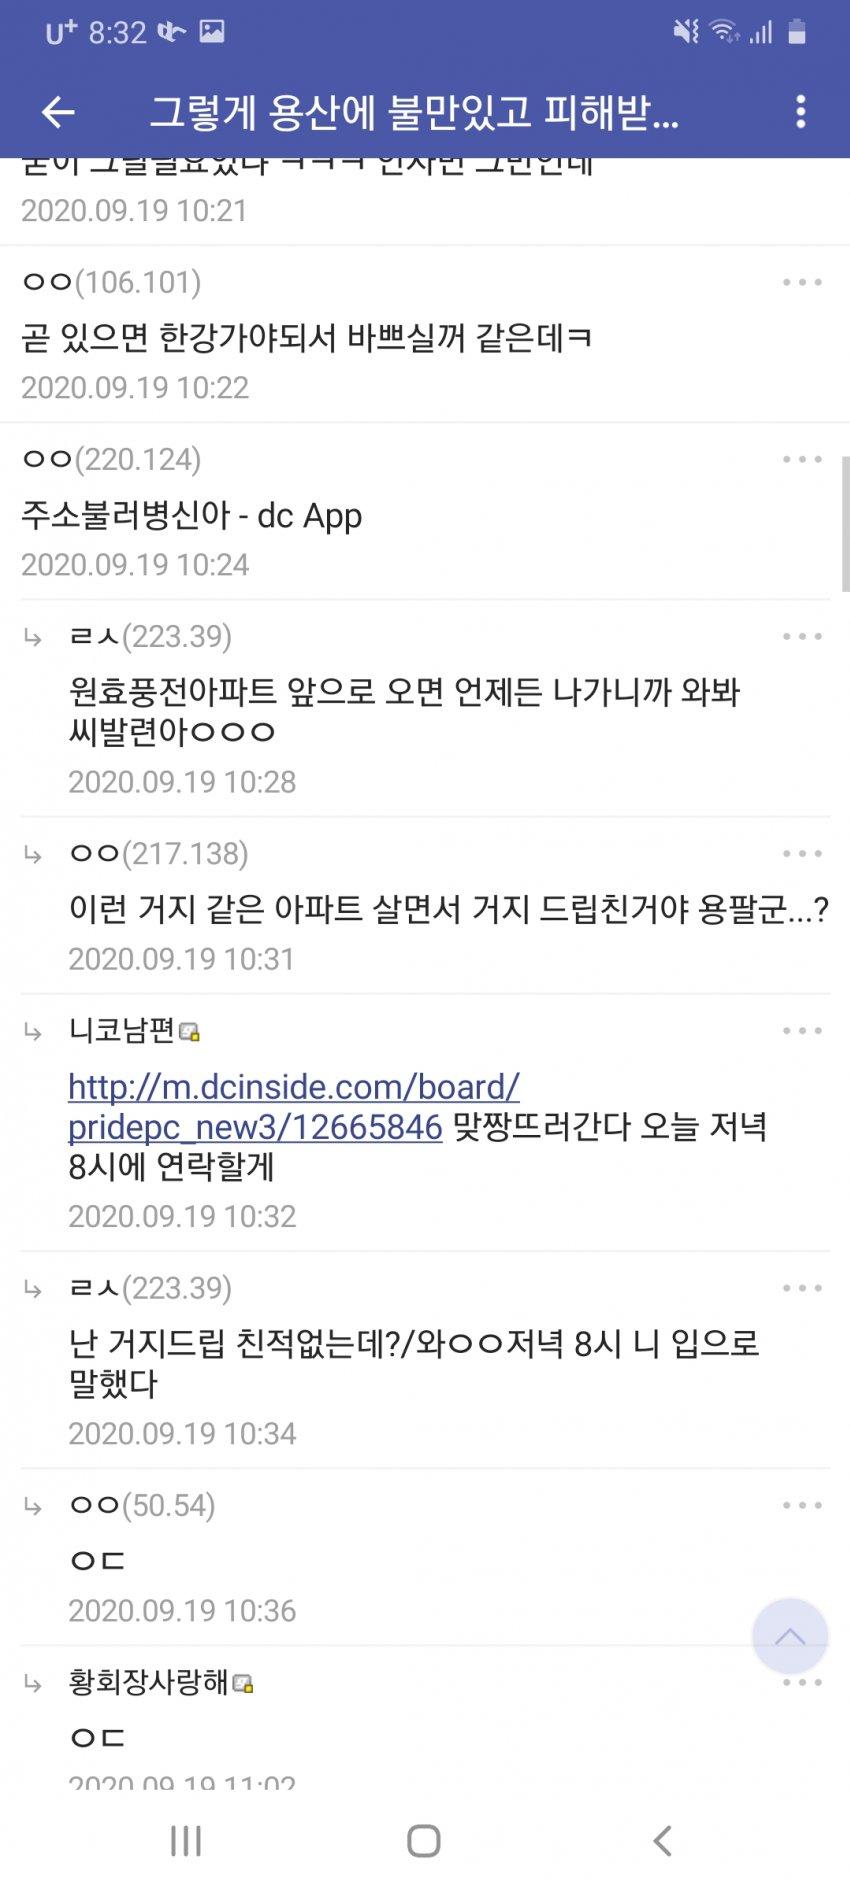 viewimage.php?id=3dafd922e0c23b9960bac1e6&no=24b0d769e1d32ca73dec87fa11d0283123a3619b5f9530e1a1306968e0d7ca0eac3cd15e9eb49c3dbeab46680473027cb0b8a20caef680ae0e112cc617653b67c1e2ceded3e8f79686b8e4cd900a758f604e252af3818559555fb97e3e9cd0f3a7